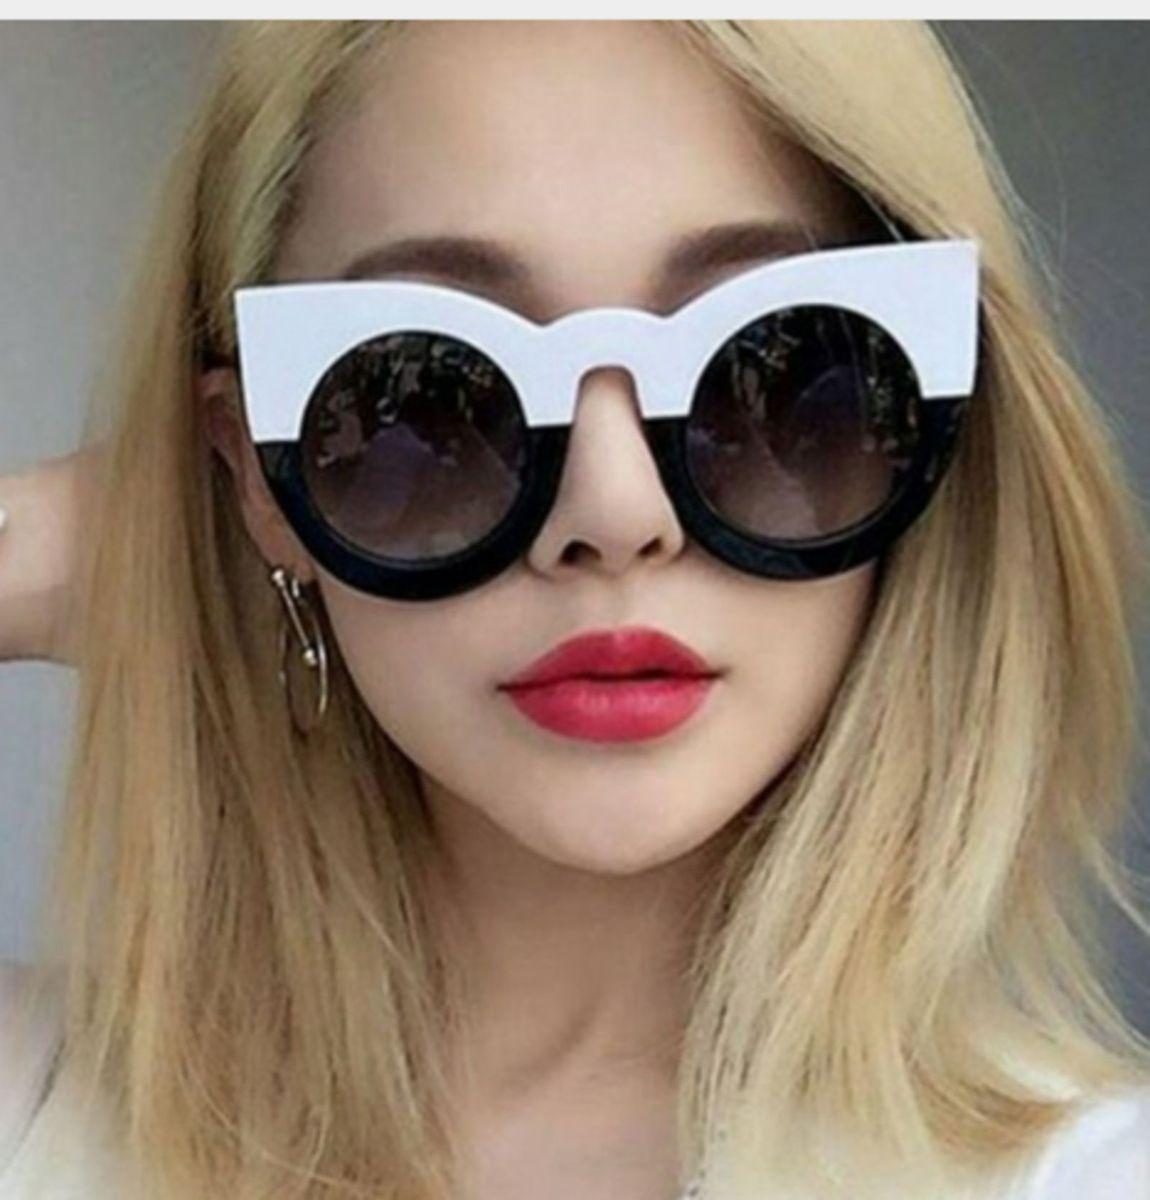 óculos gatinho branco e preto - óculos diguyao.  Czm6ly9wag90b3muzw5qb2vplmnvbs5ici9wcm9kdwn0cy85ndg0ntuvzdixzjy1mgvhzdm4ztgwodmwotmxzmezztbhnzuymjquanbn  ... 3b3de10084